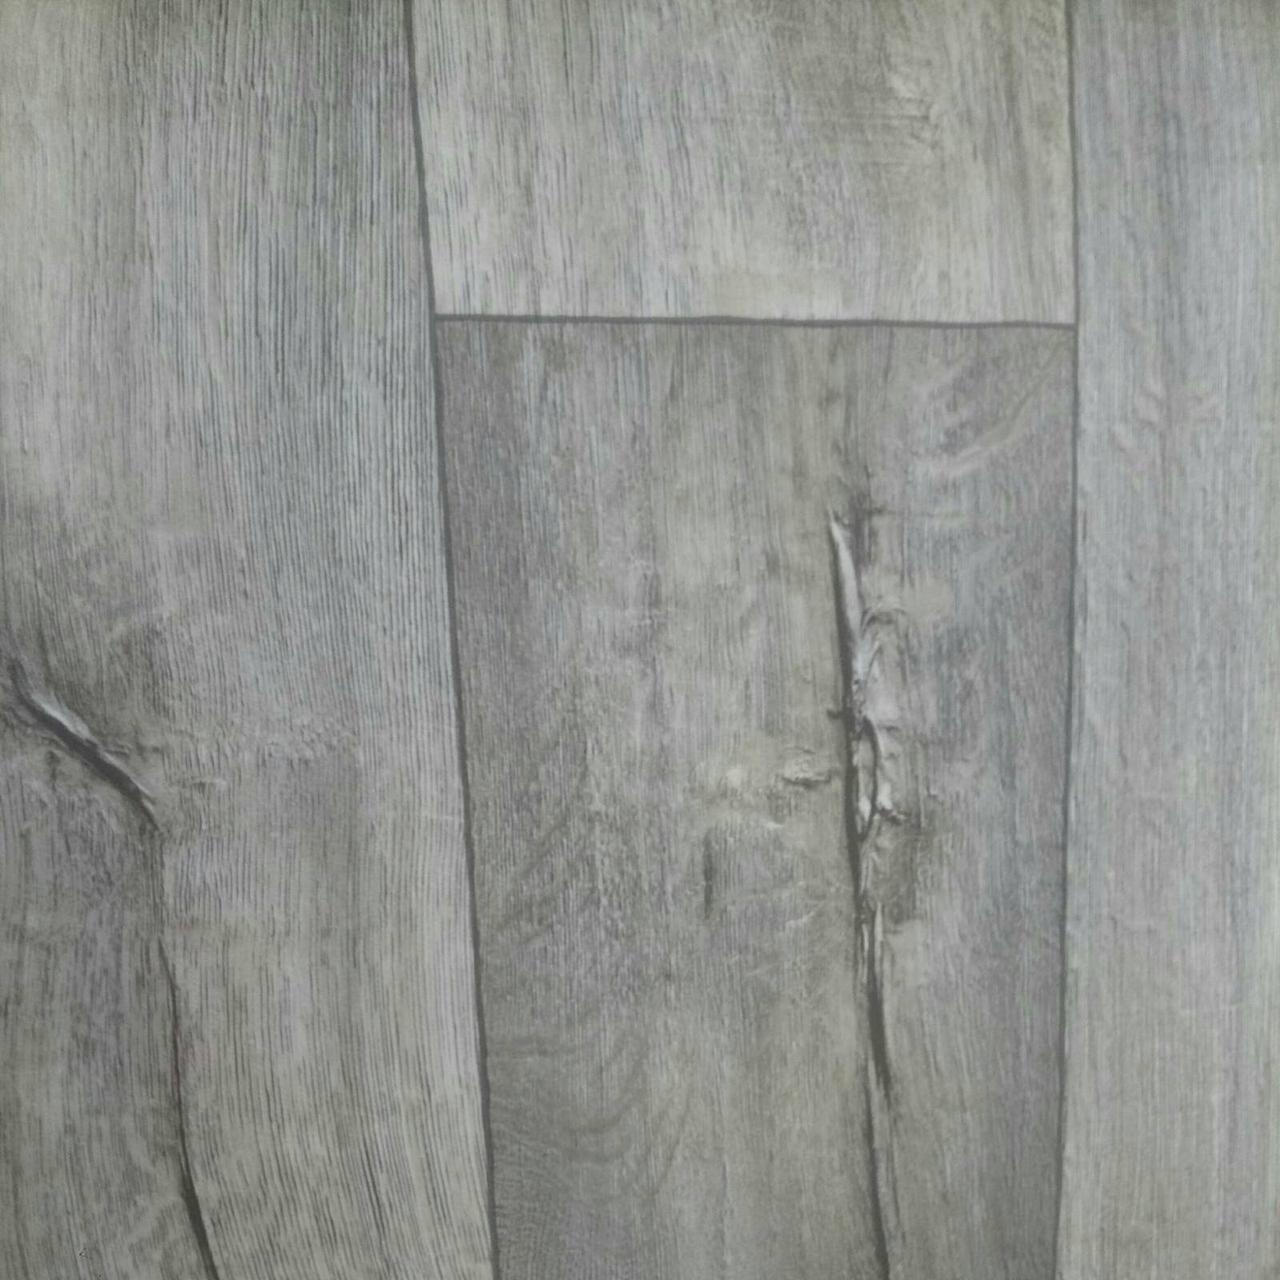 ЛИНОЛЕУМ BEAUFLOR SHERWOOD OAK CRACKED OAK 690М ширина 1.5 м